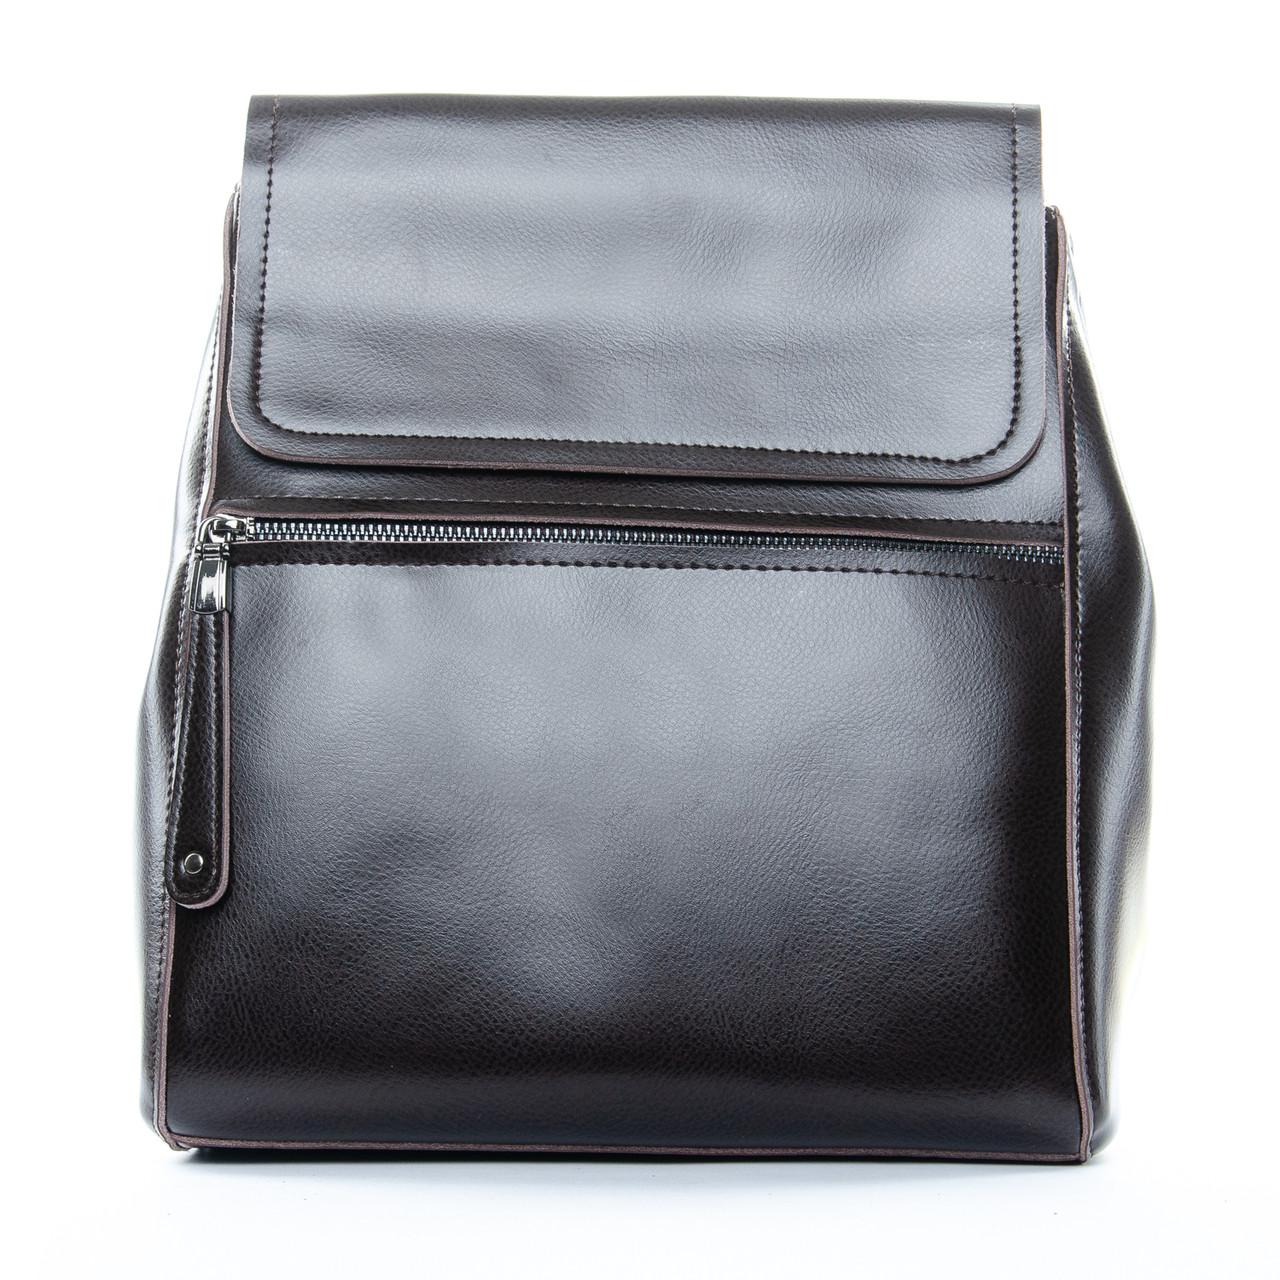 PODIUM Сумка Женская Рюкзак кожа ALEX RAI 1-05 1005 brown